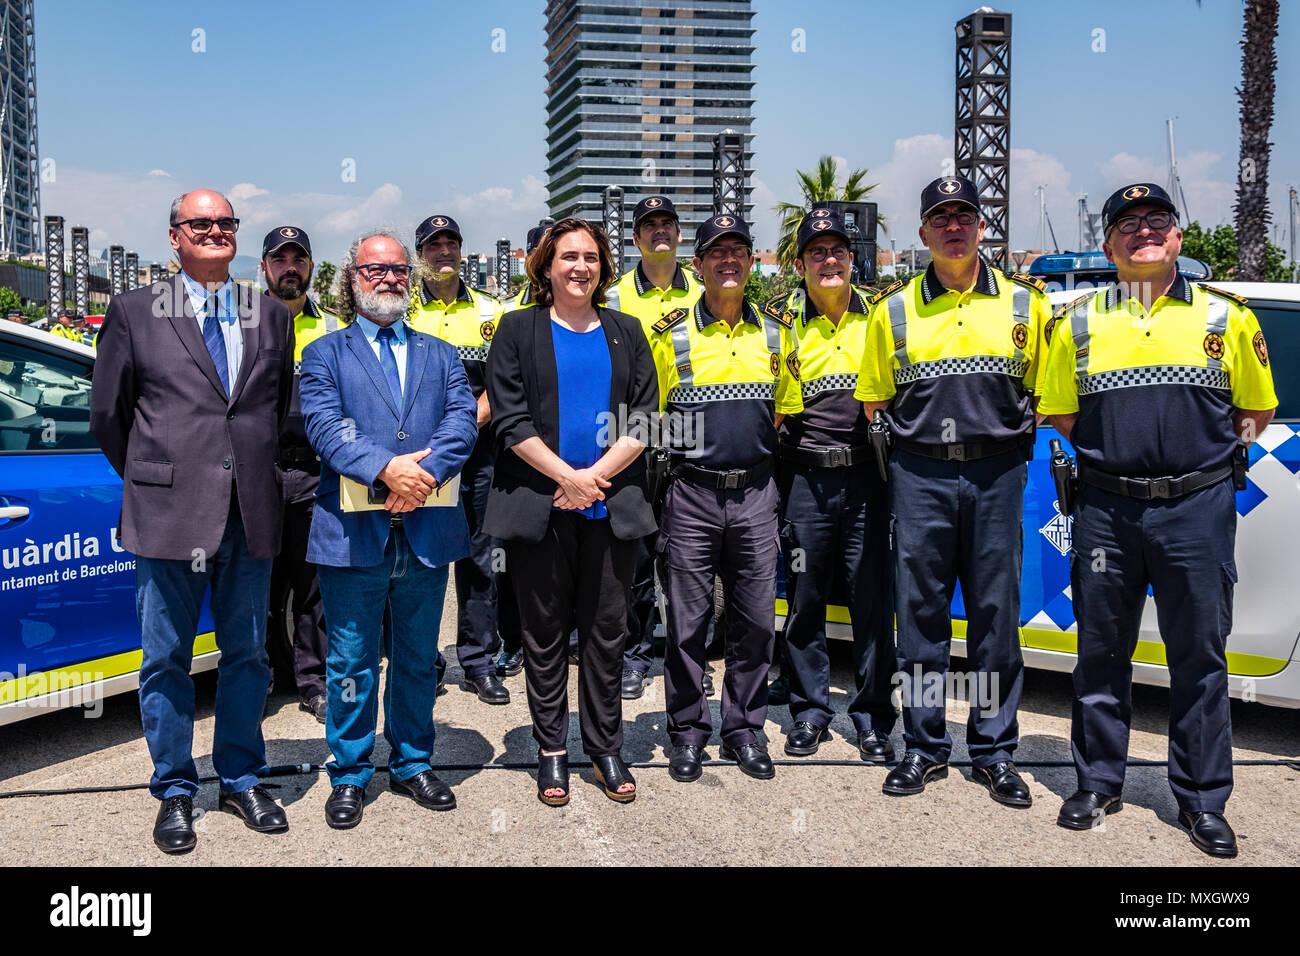 Barcellona, Spagna. Il 4 giugno, 2018. Sindaco Ada Colau e la sicurezza il commissario Amadeu Recasens sono visti in una foto di gruppo con la guardia urbana di Barcellona. Con la presenza del Sindaco Ada Colau e la sicurezza il commissario Amadeu Recasens, la presentazione della pattuglia nuovo parco veicoli della Guardia Urbana de Barcelona La polizia ha avuto luogo. L'investimento è stato di 12,6 milioni di euro. I veicoli nuovi con un sistema ibrido consentono un risparmio di combustibile di 608 euro per veicolo e per anno. Queste nuove auto sono dotate di nuove tecnologie di comunicazione e le telecamere con riconoscimento targhe. Immagini Stock